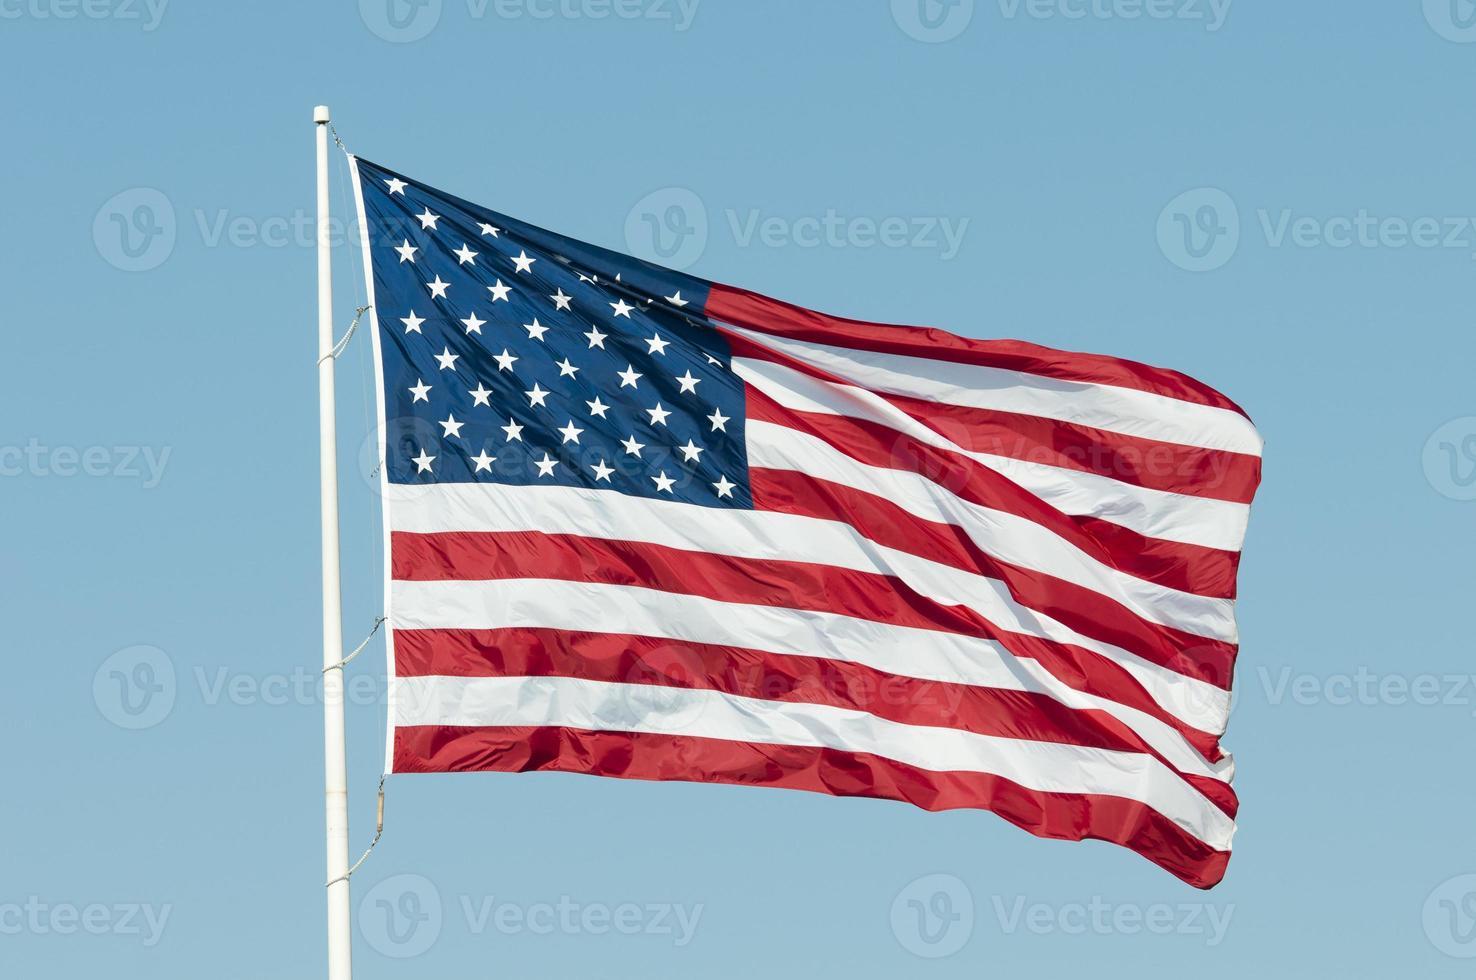 bandiera americana che fluttua nel cielo blu foto